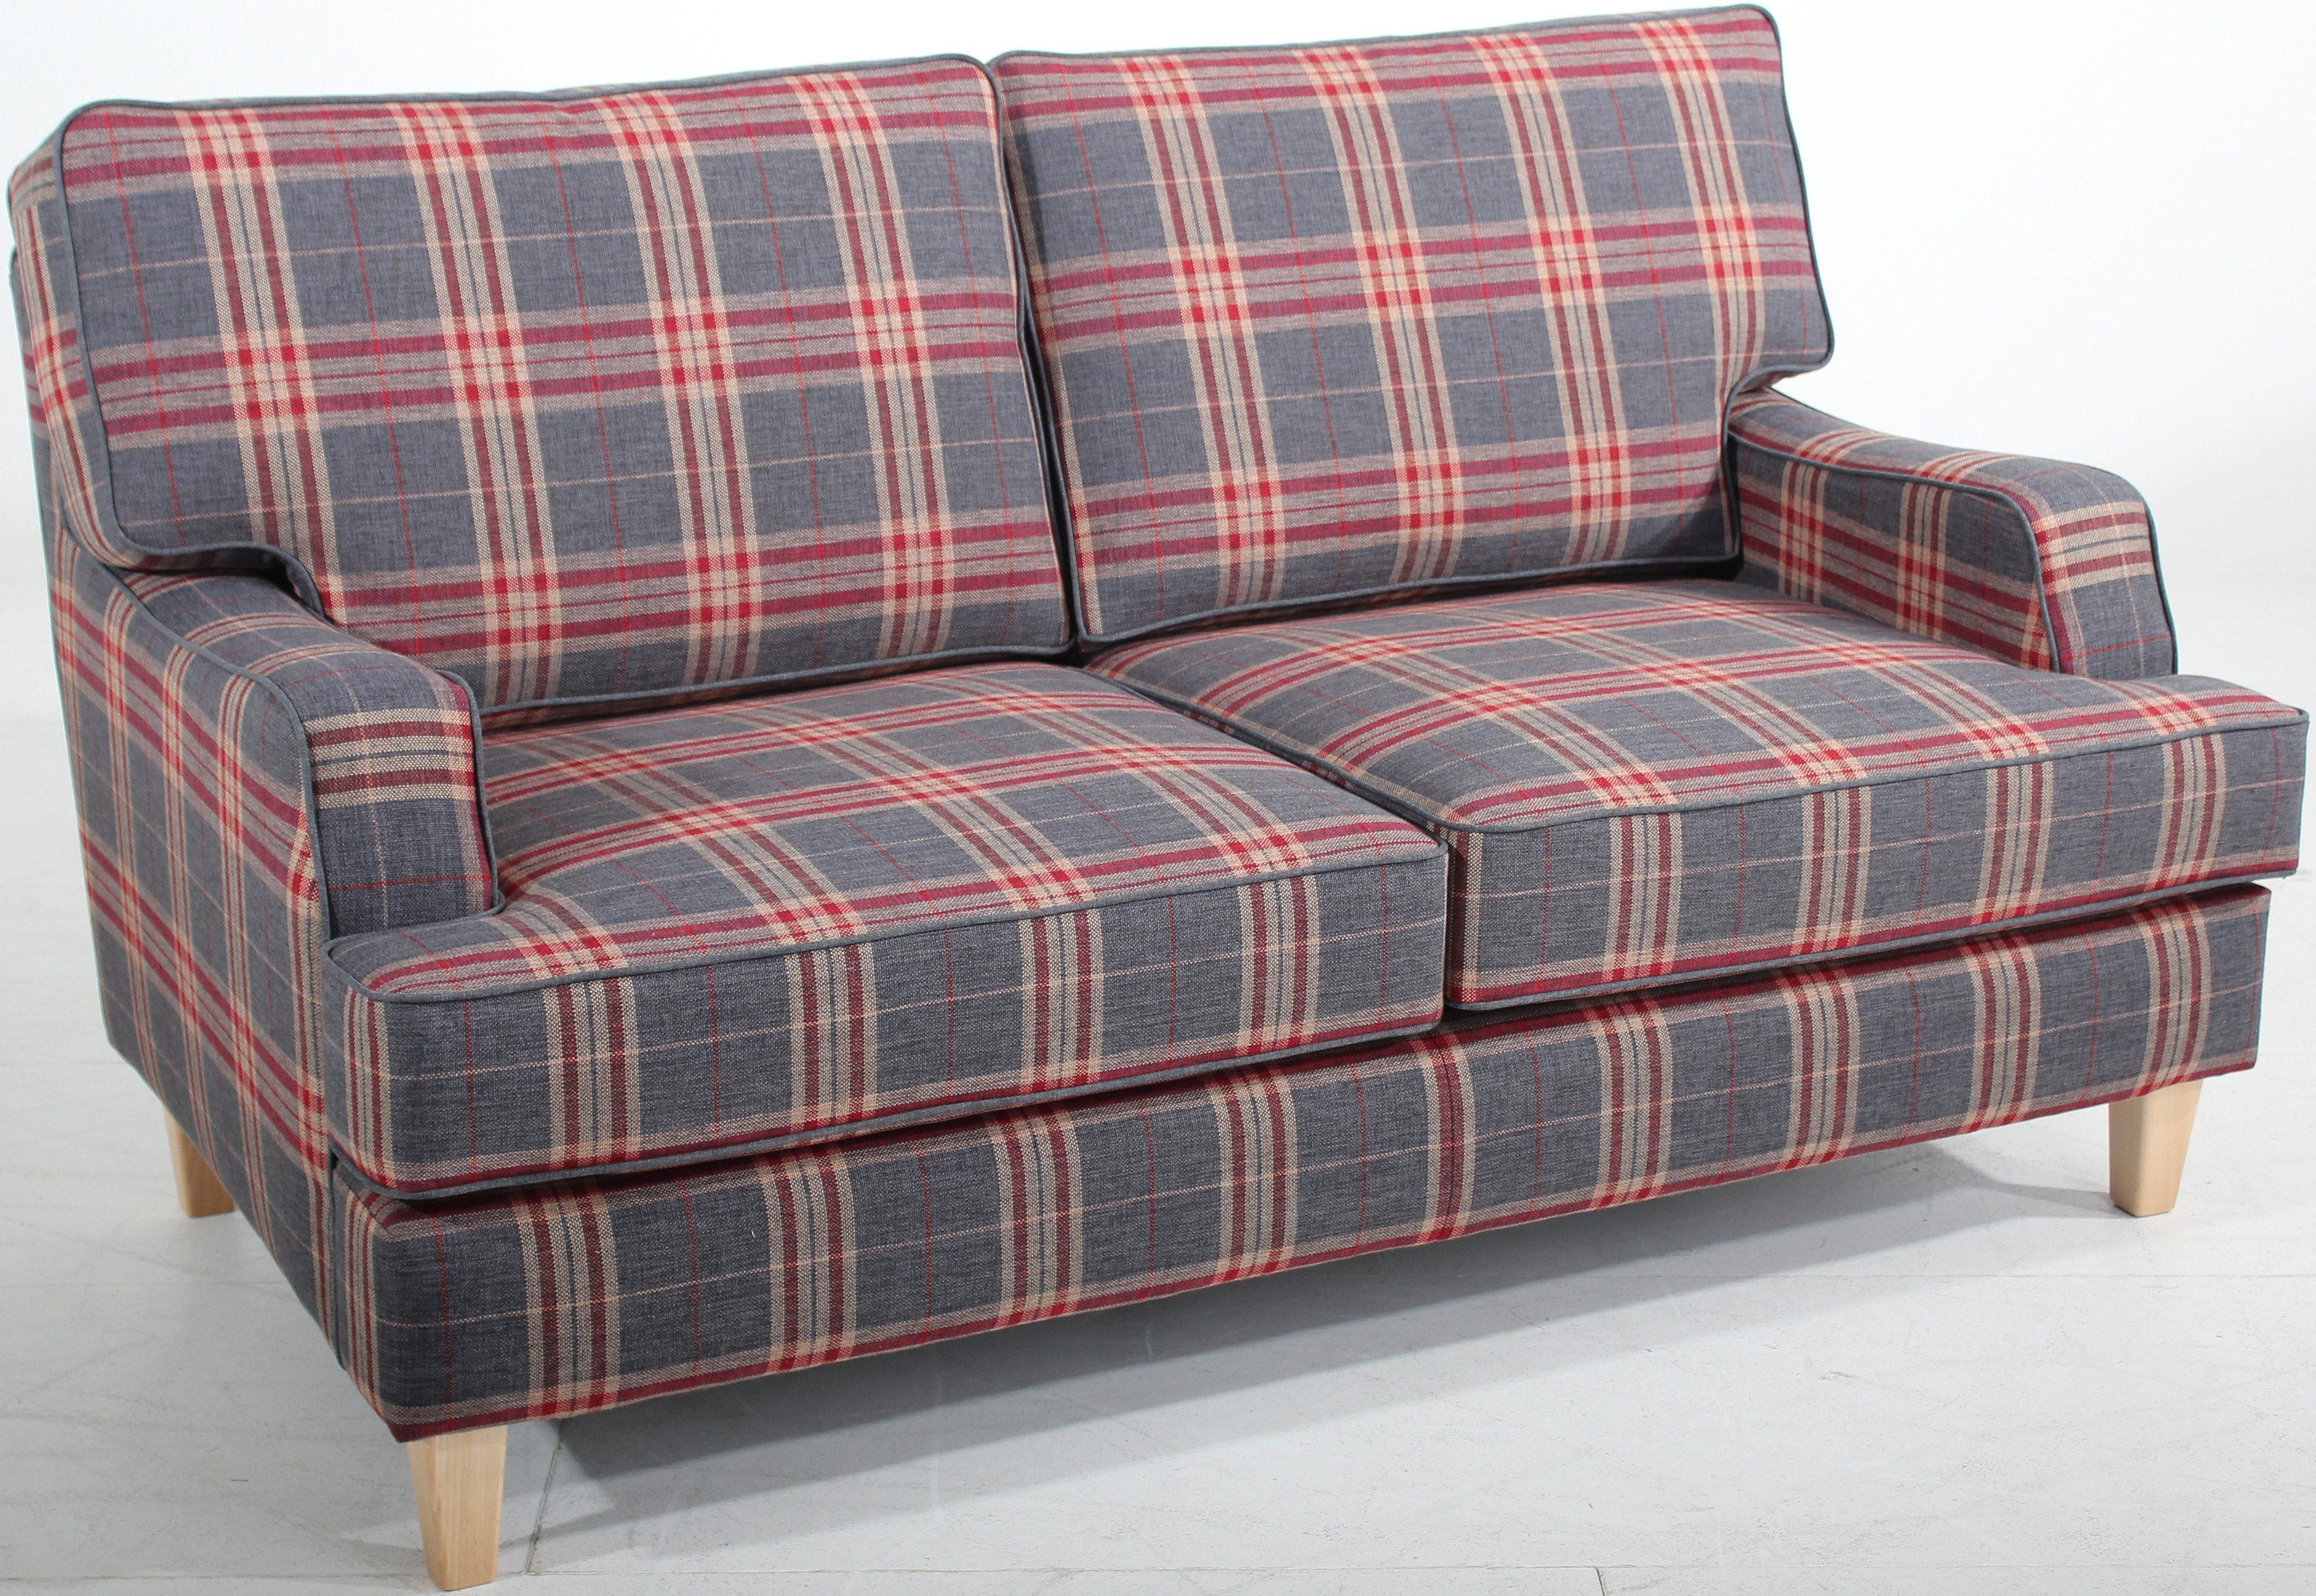 Max Winzer® 2-Sitzer Sofa »Penny«, in stylischem Karodesign